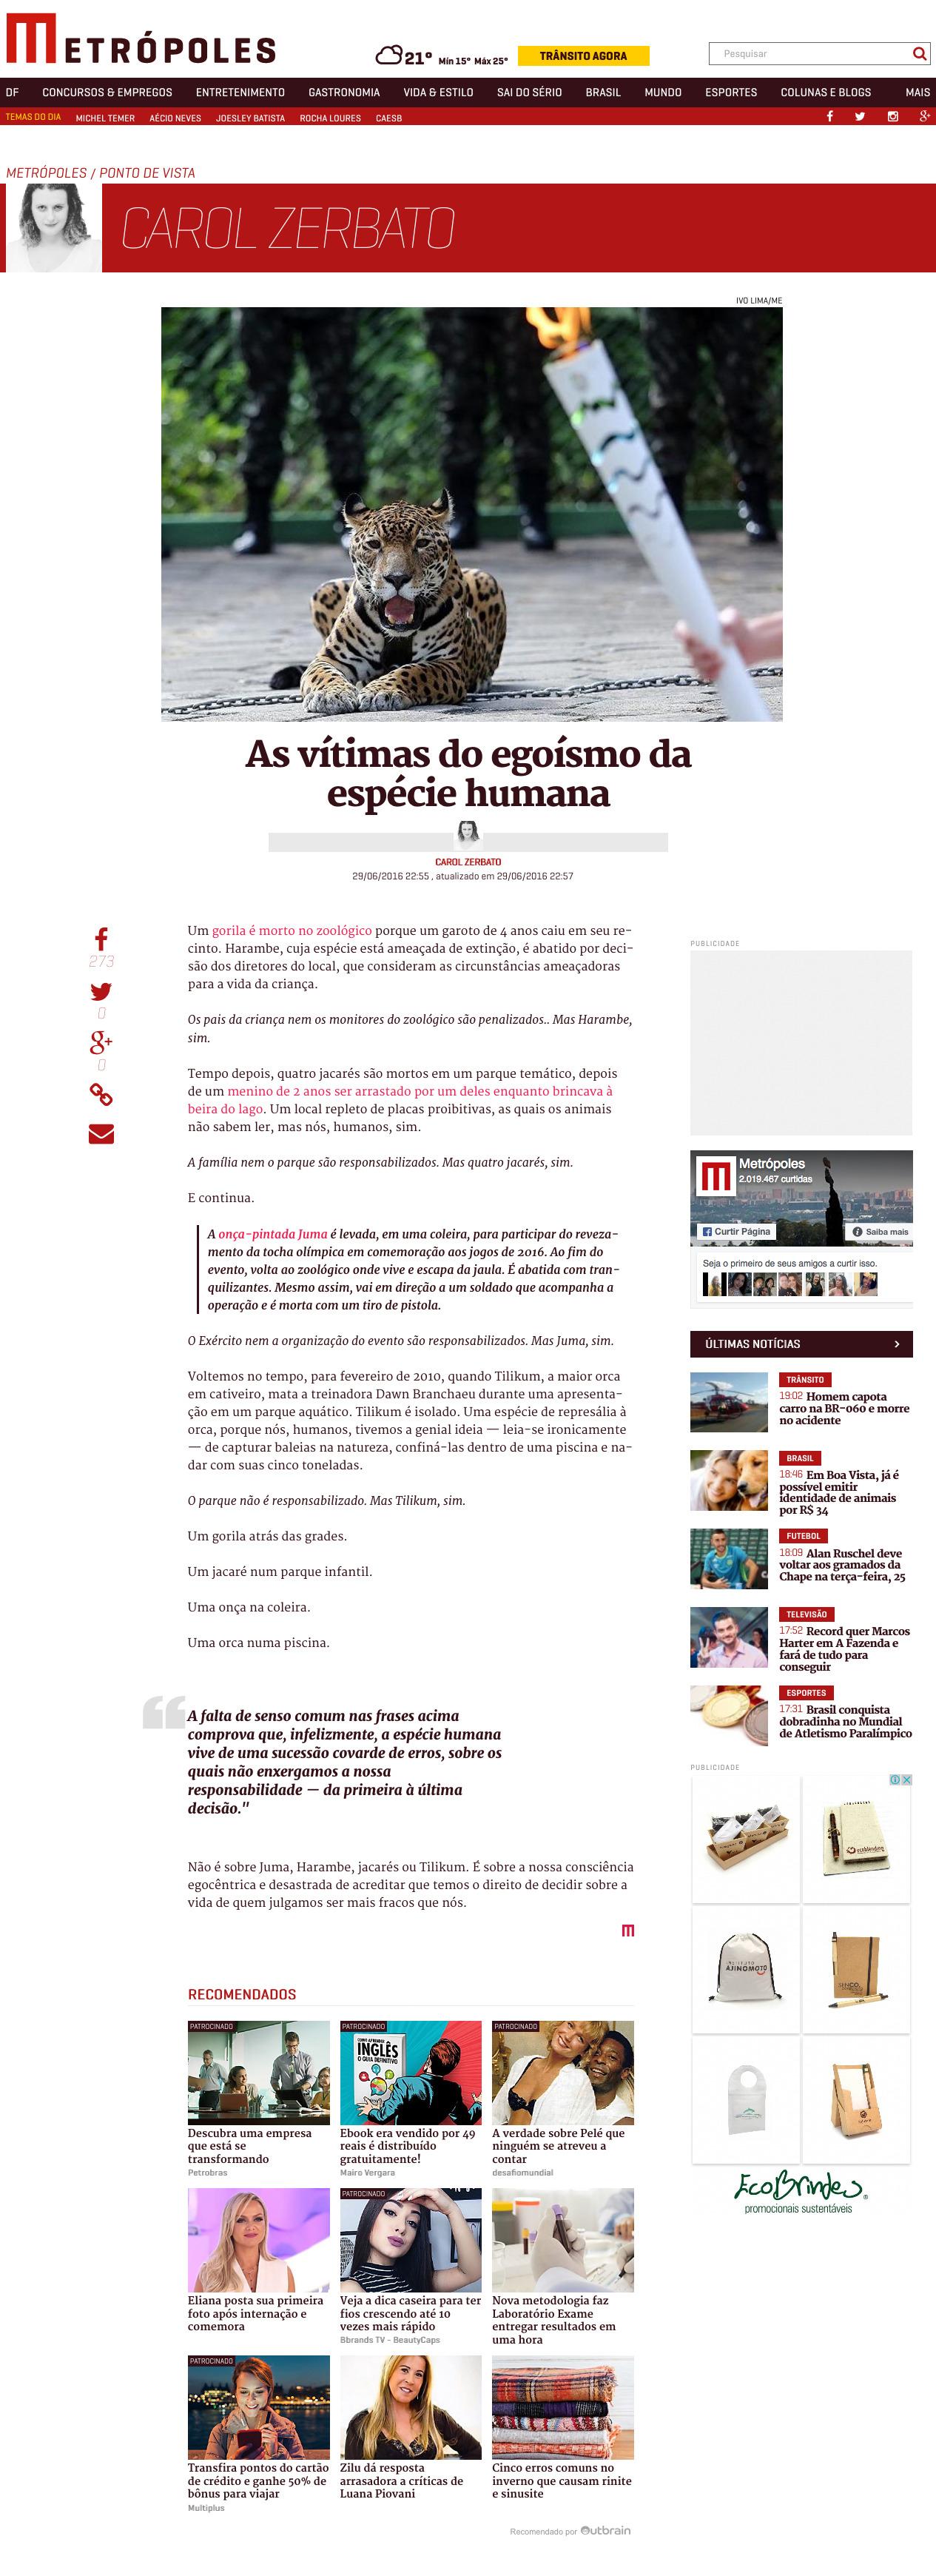 FireShot Capture 4 - As vítimas do __ - http___www.metropoles.com_ponto-de-